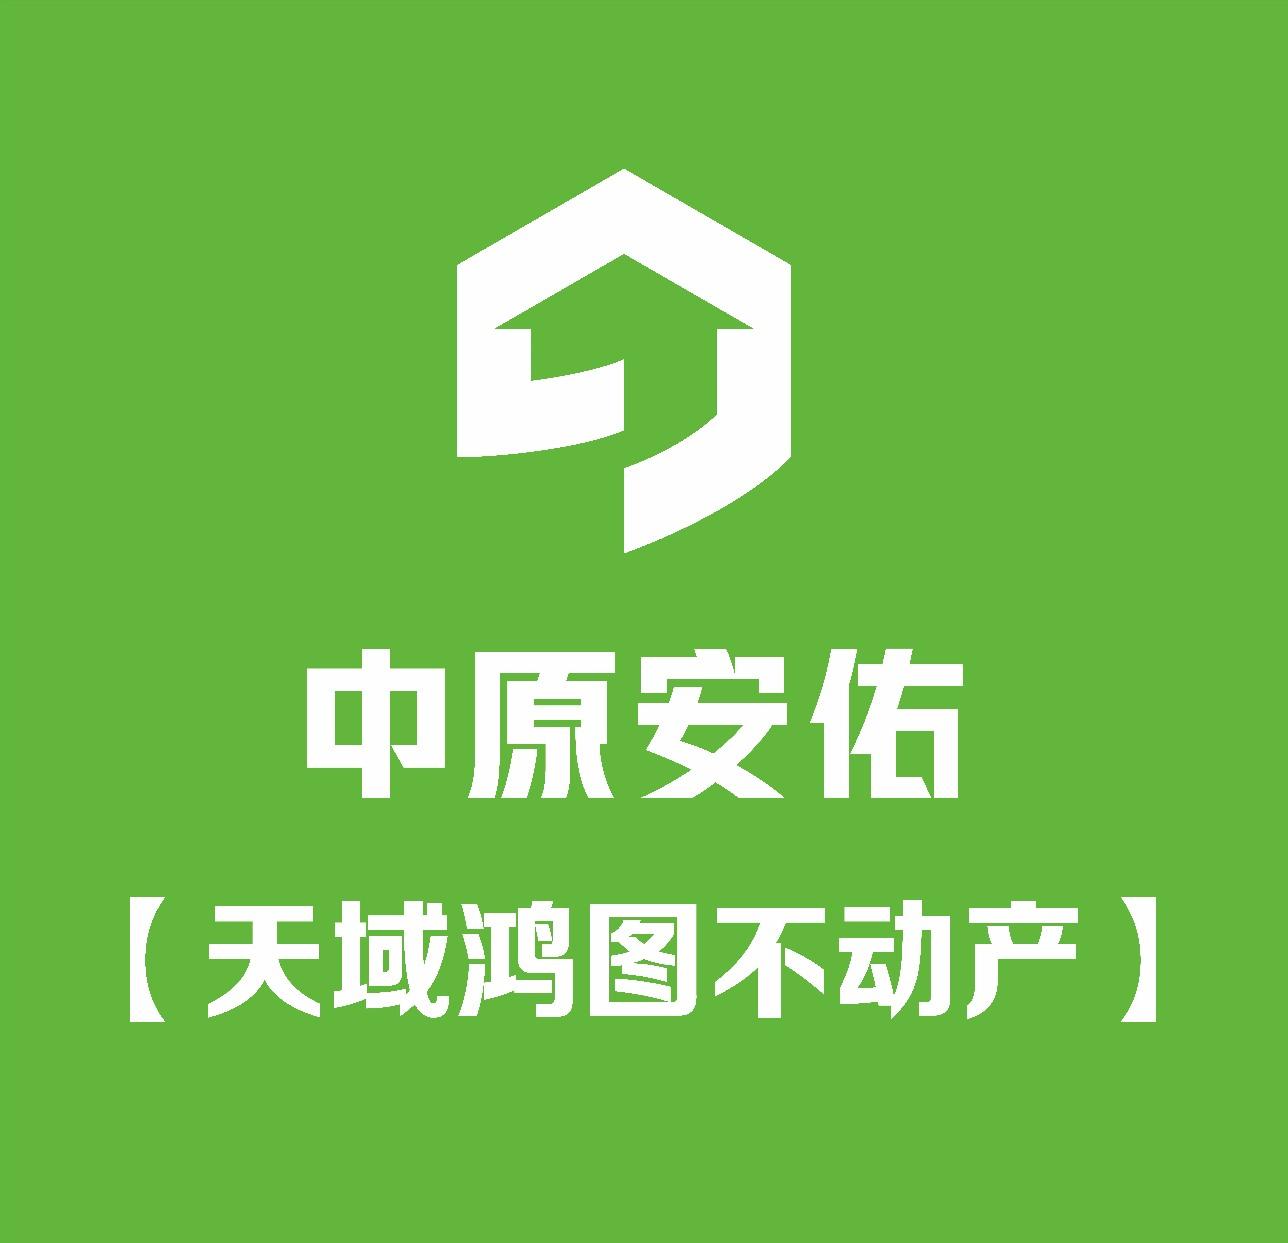 郑州天域鸿图房地产营销策划有限公司